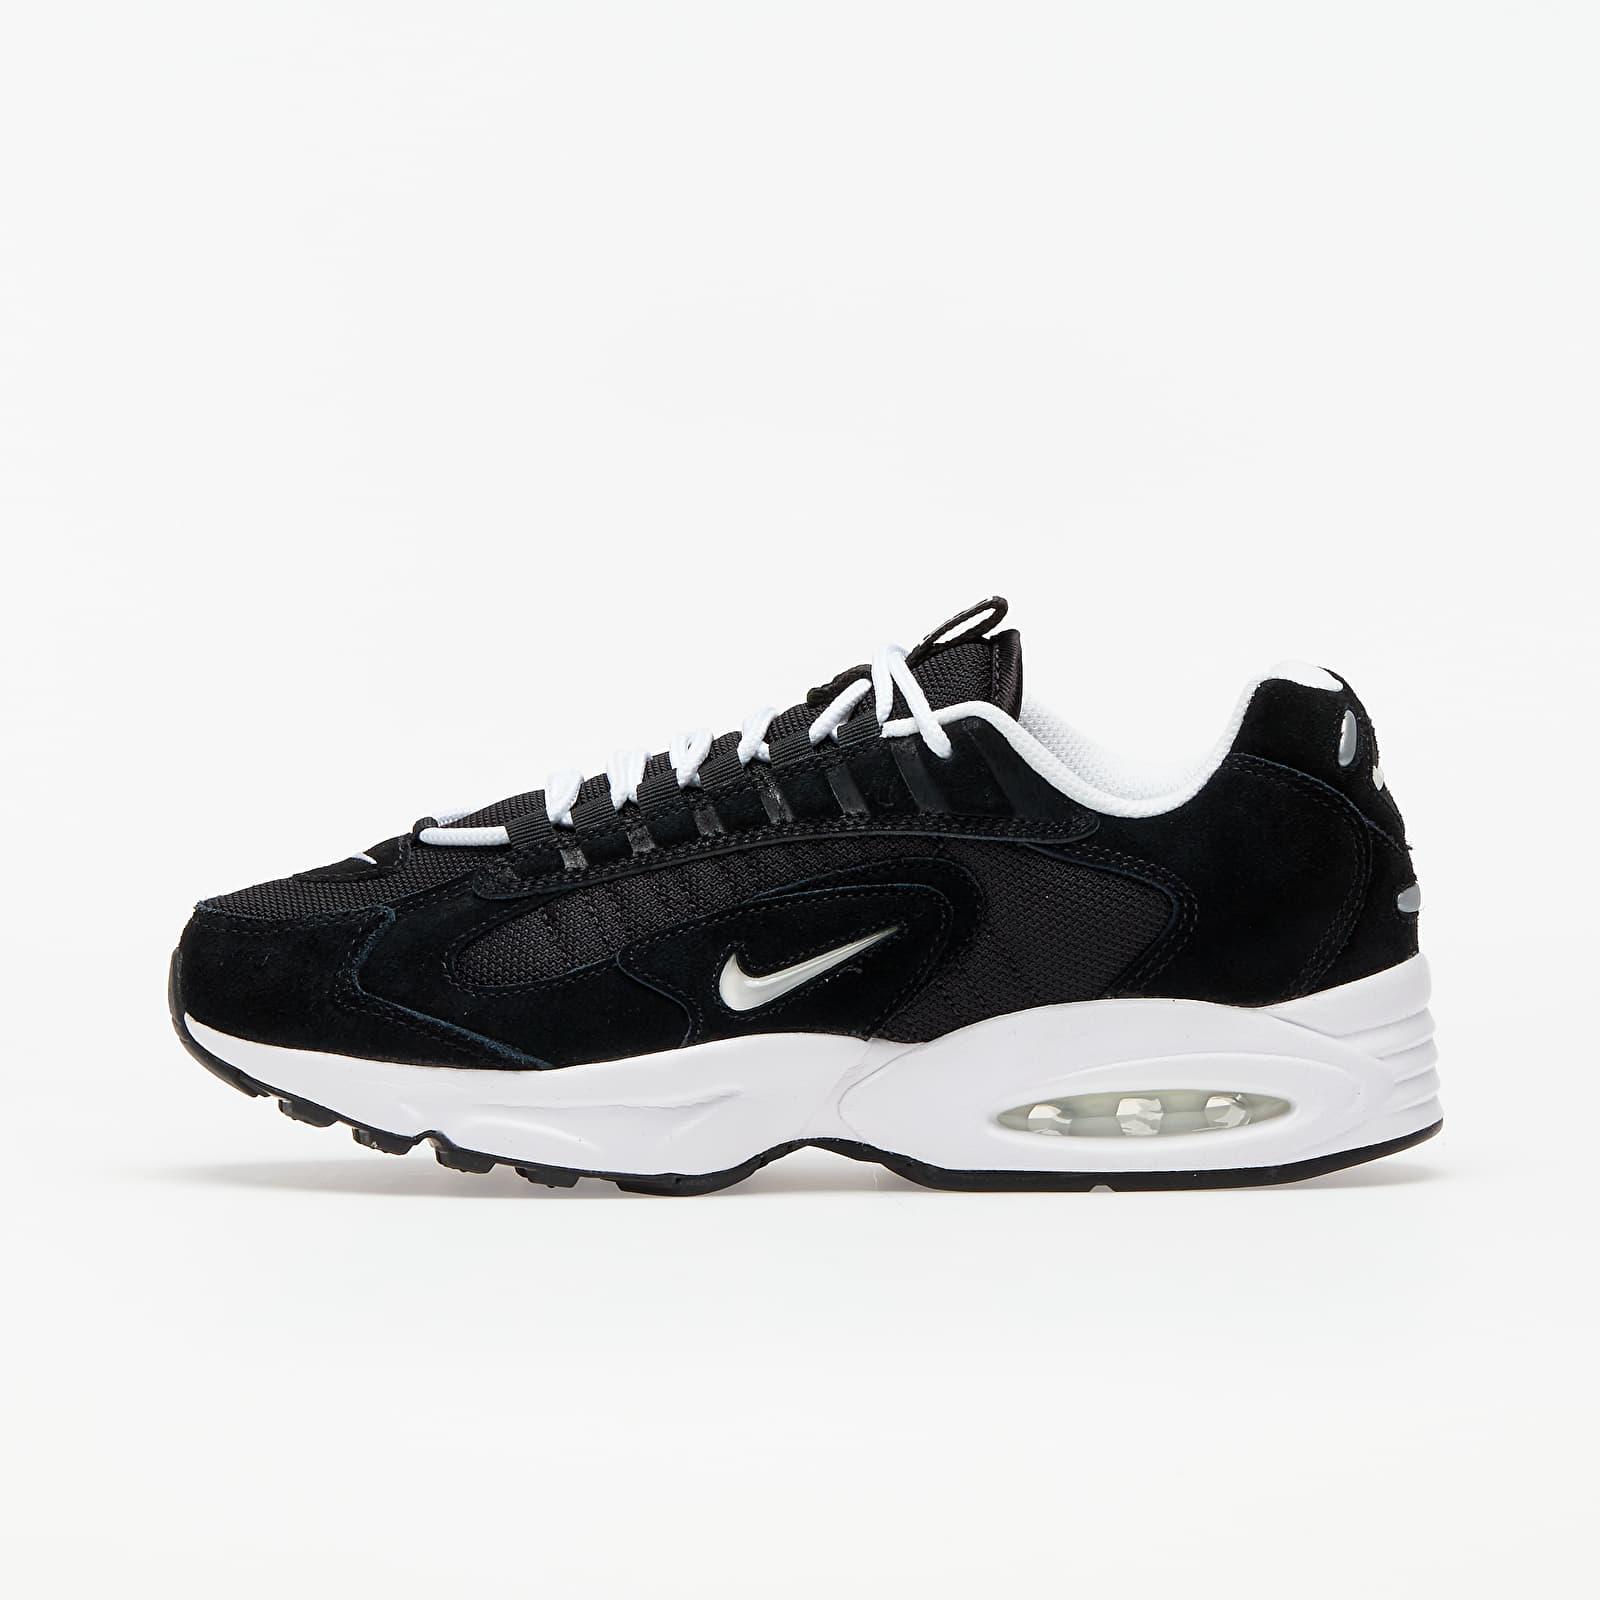 Nike Air Max Triax LE Black/ White EUR 42.5